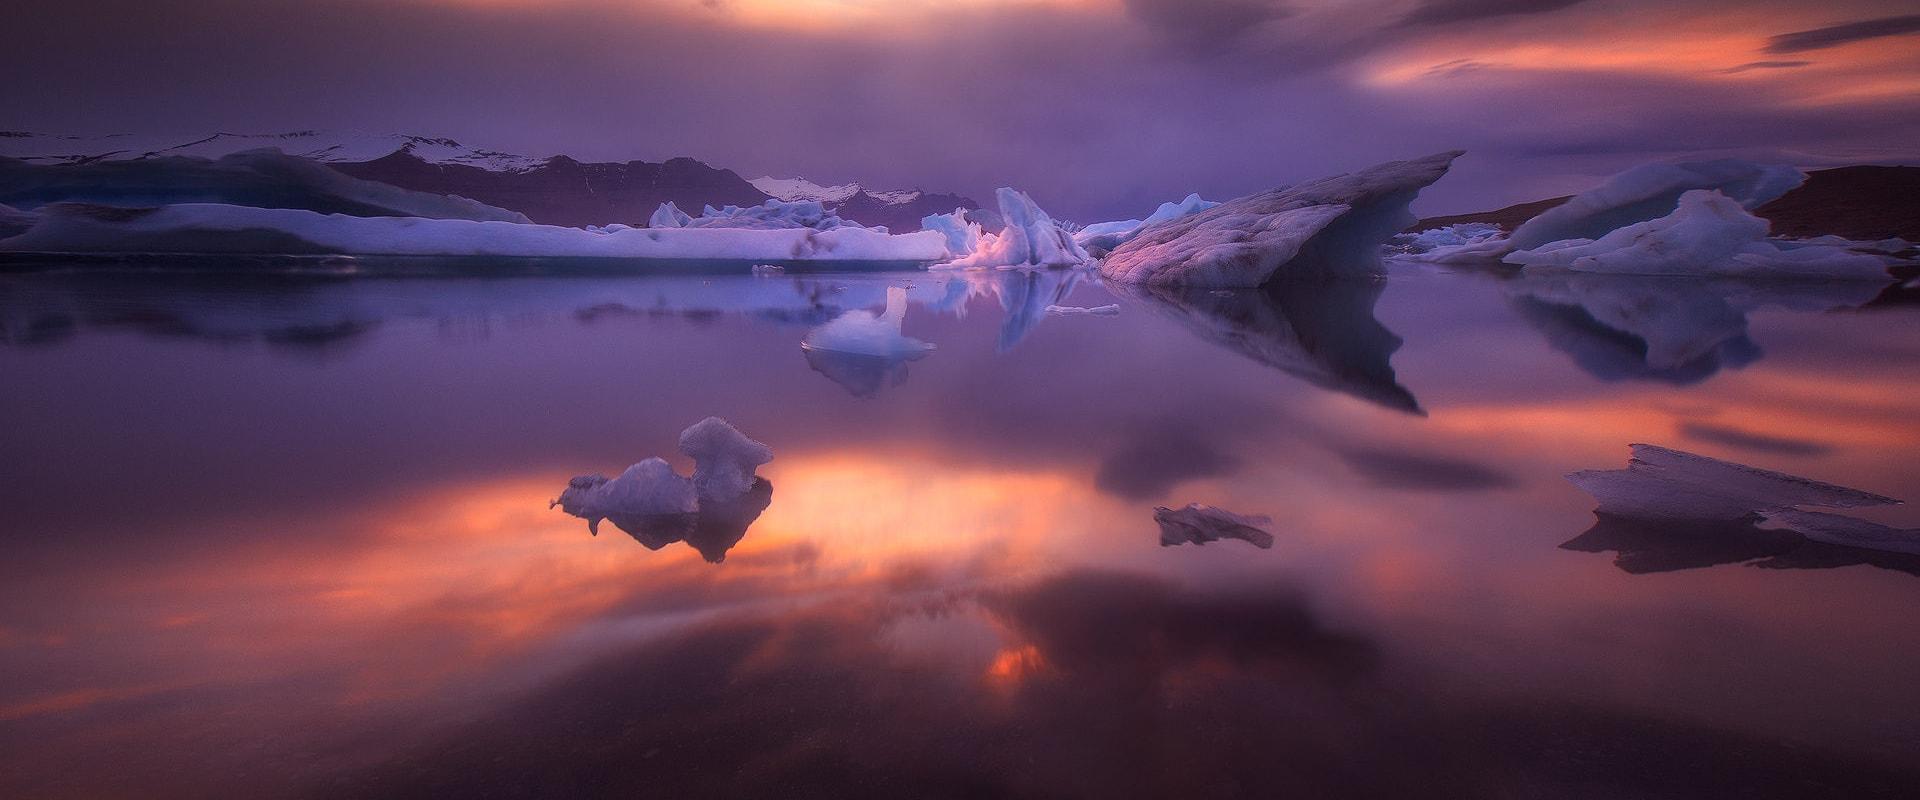 Самые знаменитые достопримечательности южной и центральной Исландии!